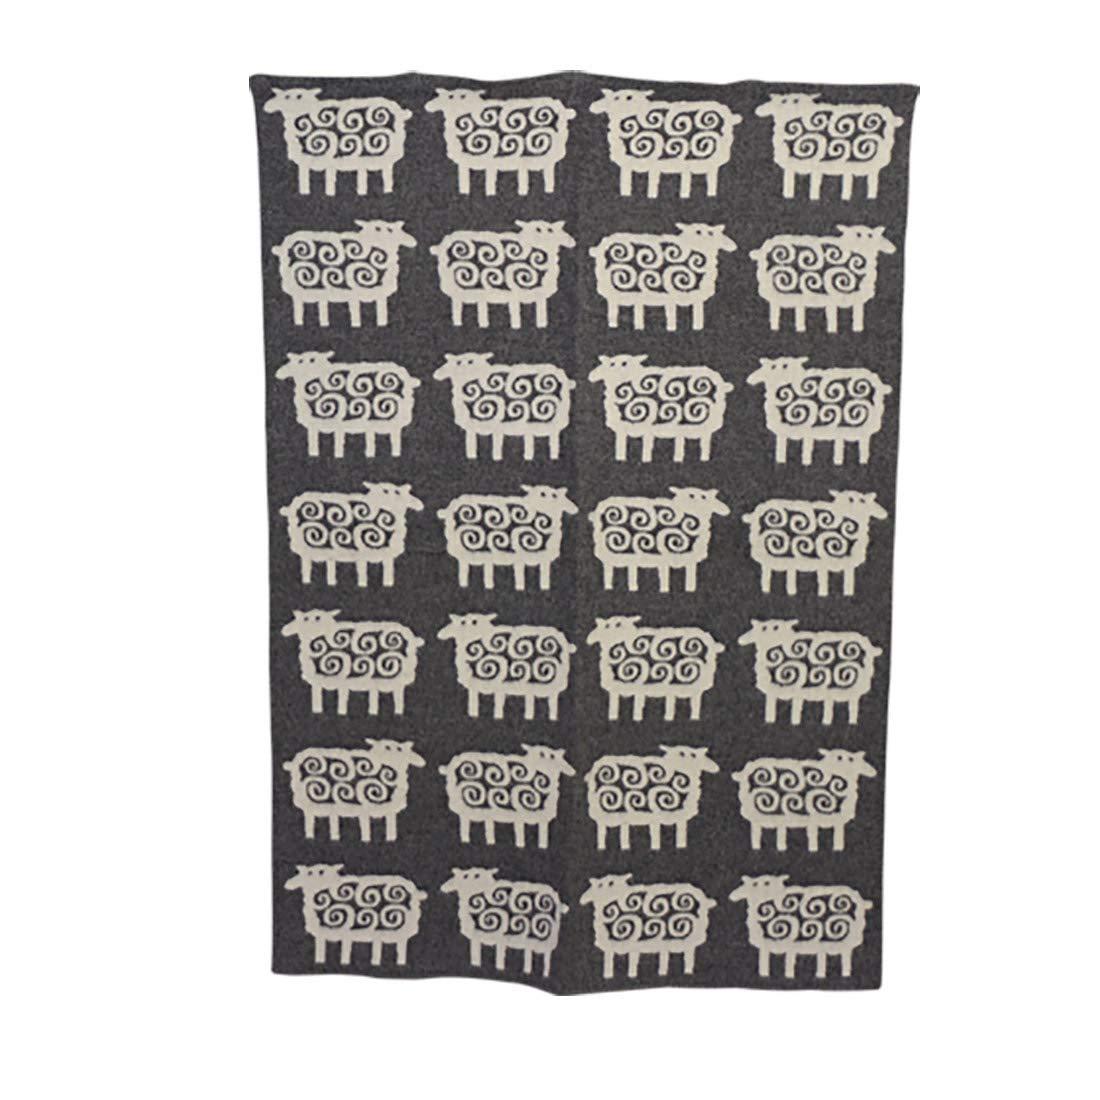 [クリッパン] KLIPPAN ウールブランケット 130x180 Sheep グレー [並行輸入品] B00H39KBDM